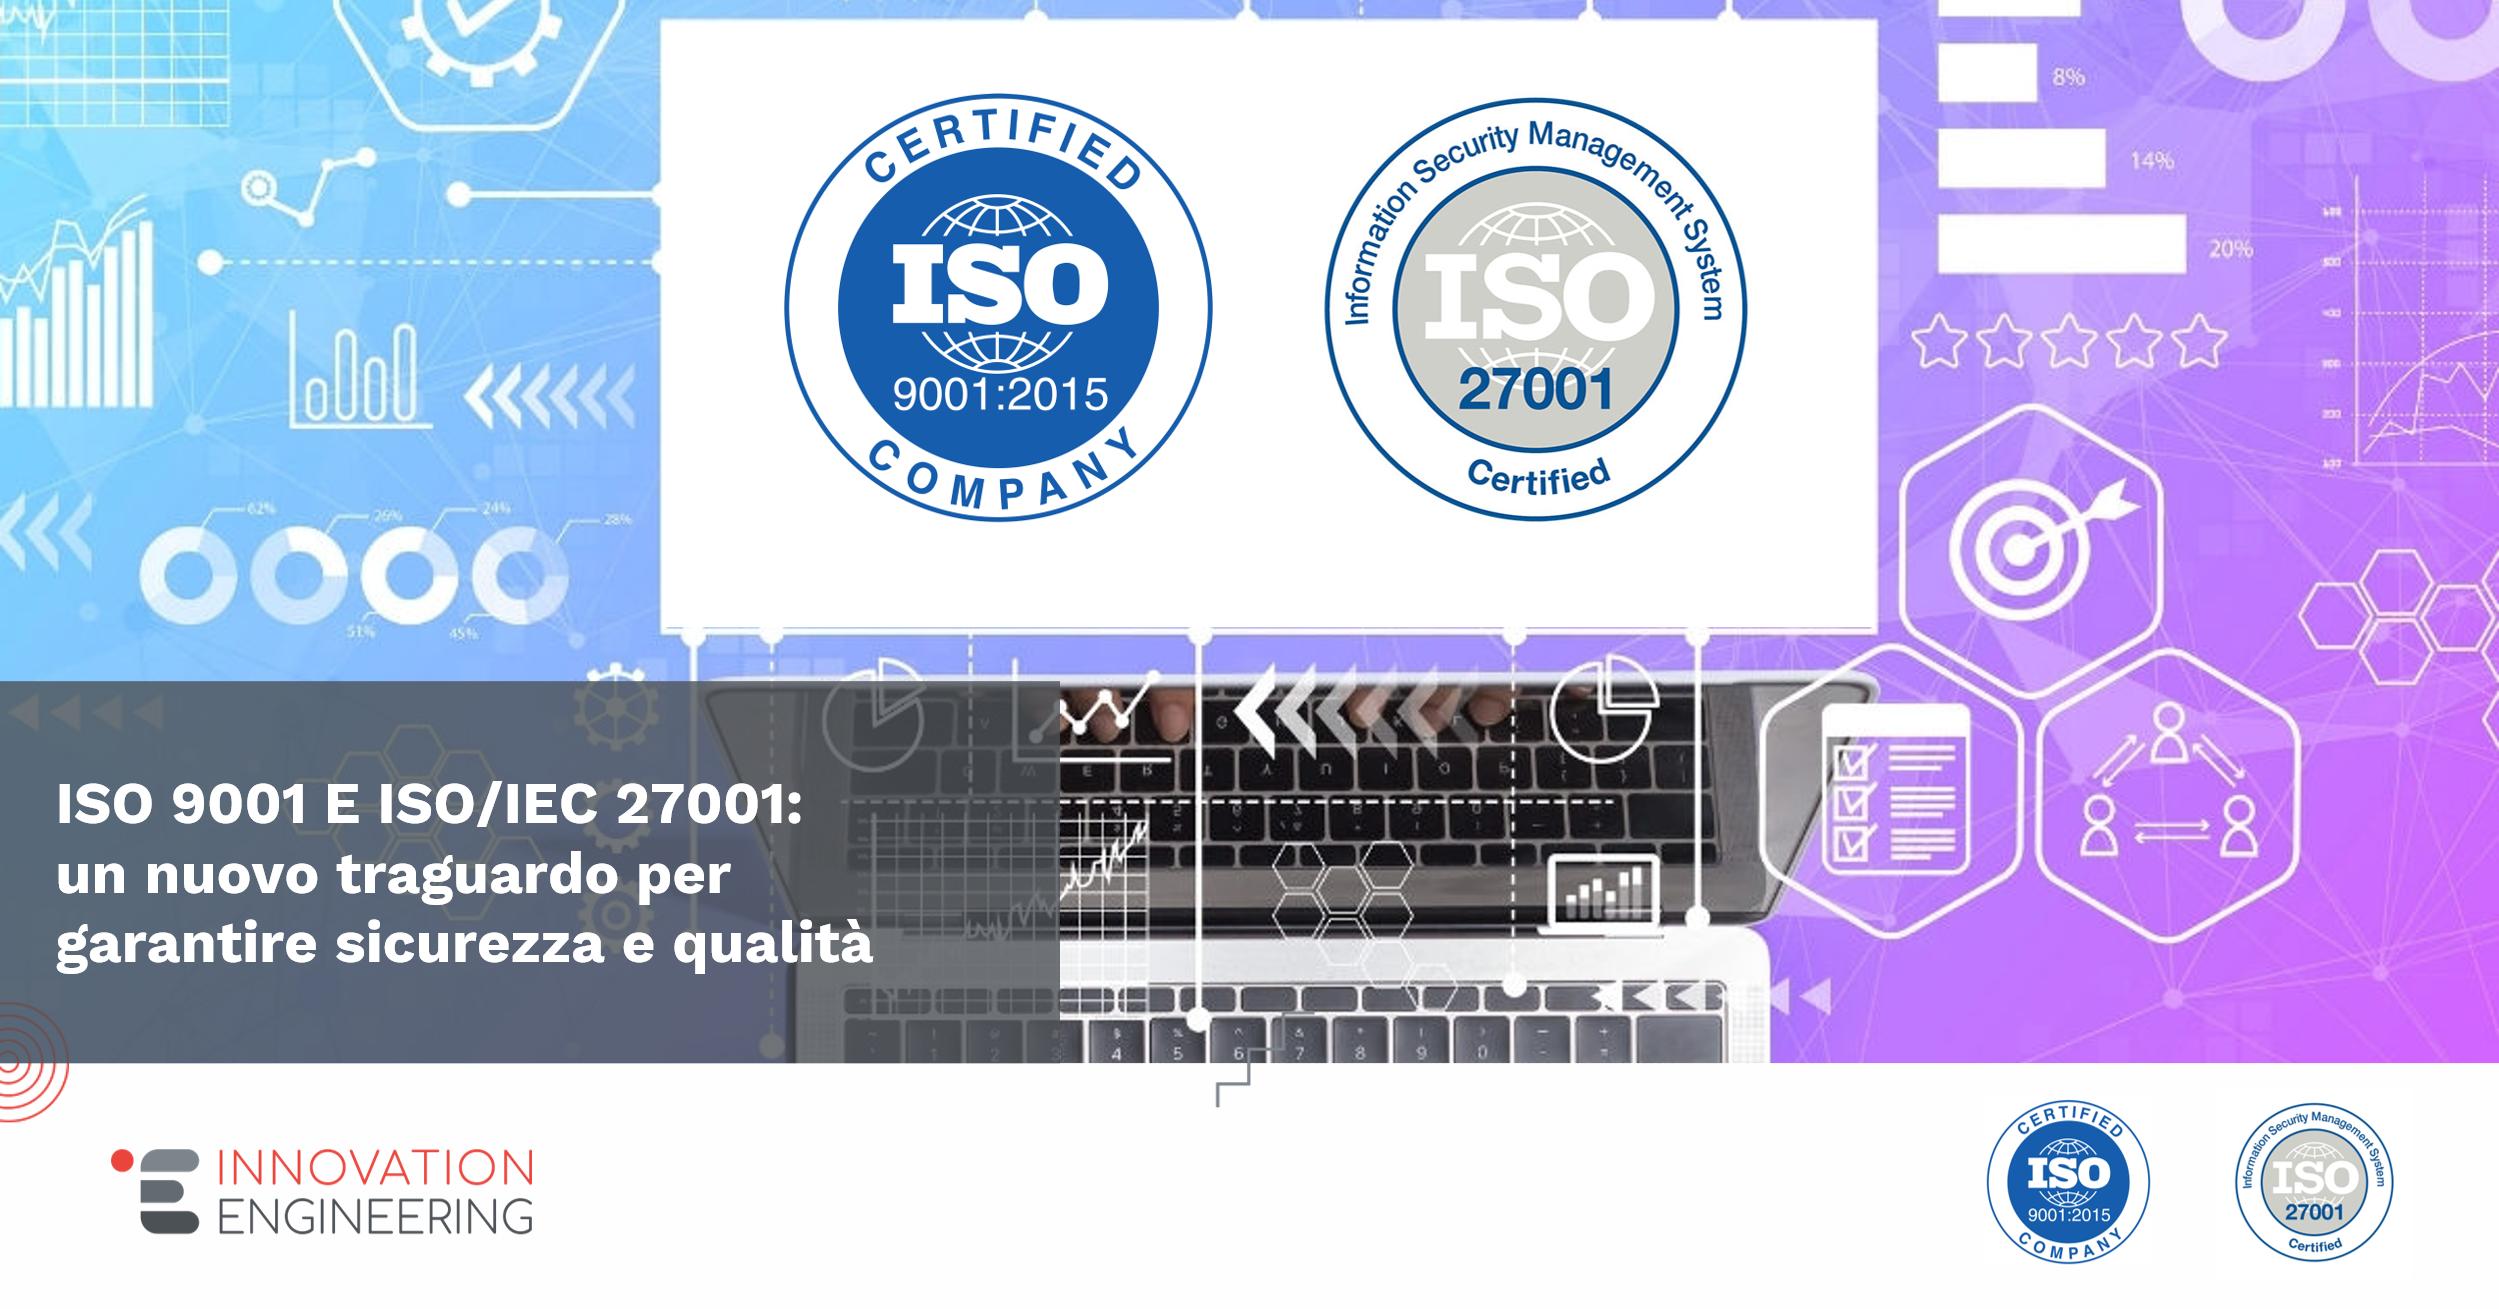 ISO 9001 E ISO 27001: un nuovo traguardo per garantire qualità e sicurezza